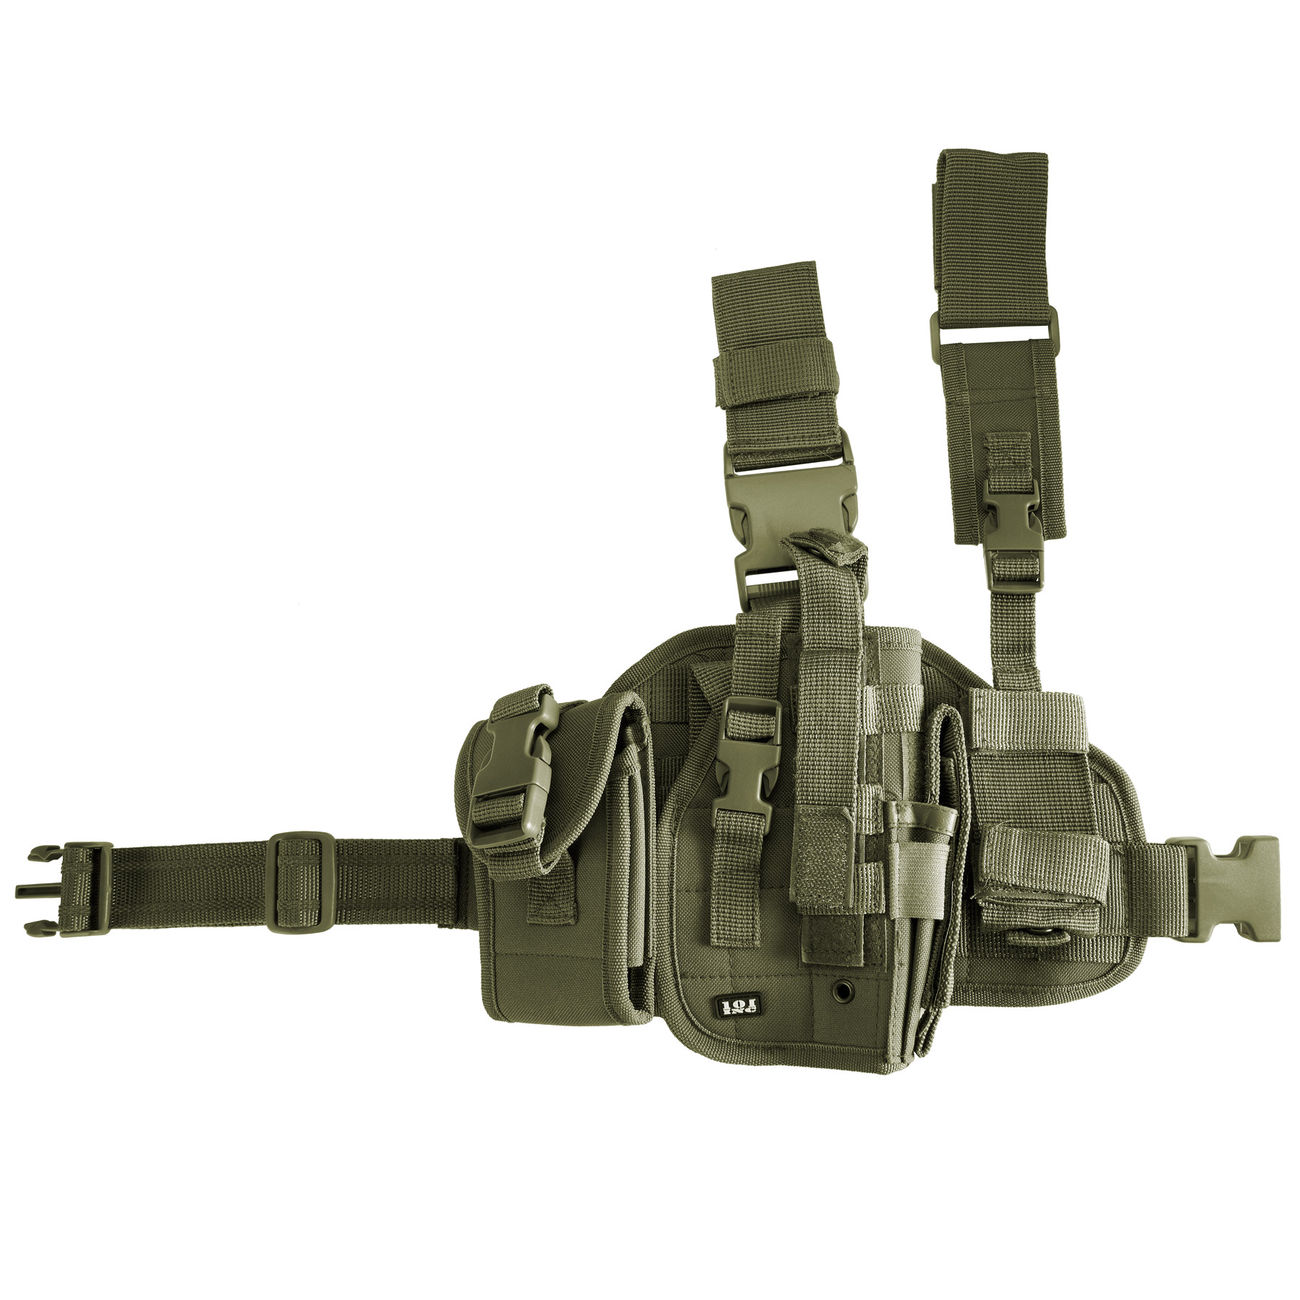 Pistolenbeinholster Tiefziehholster Universal Beinholster Rechtshänder Holster